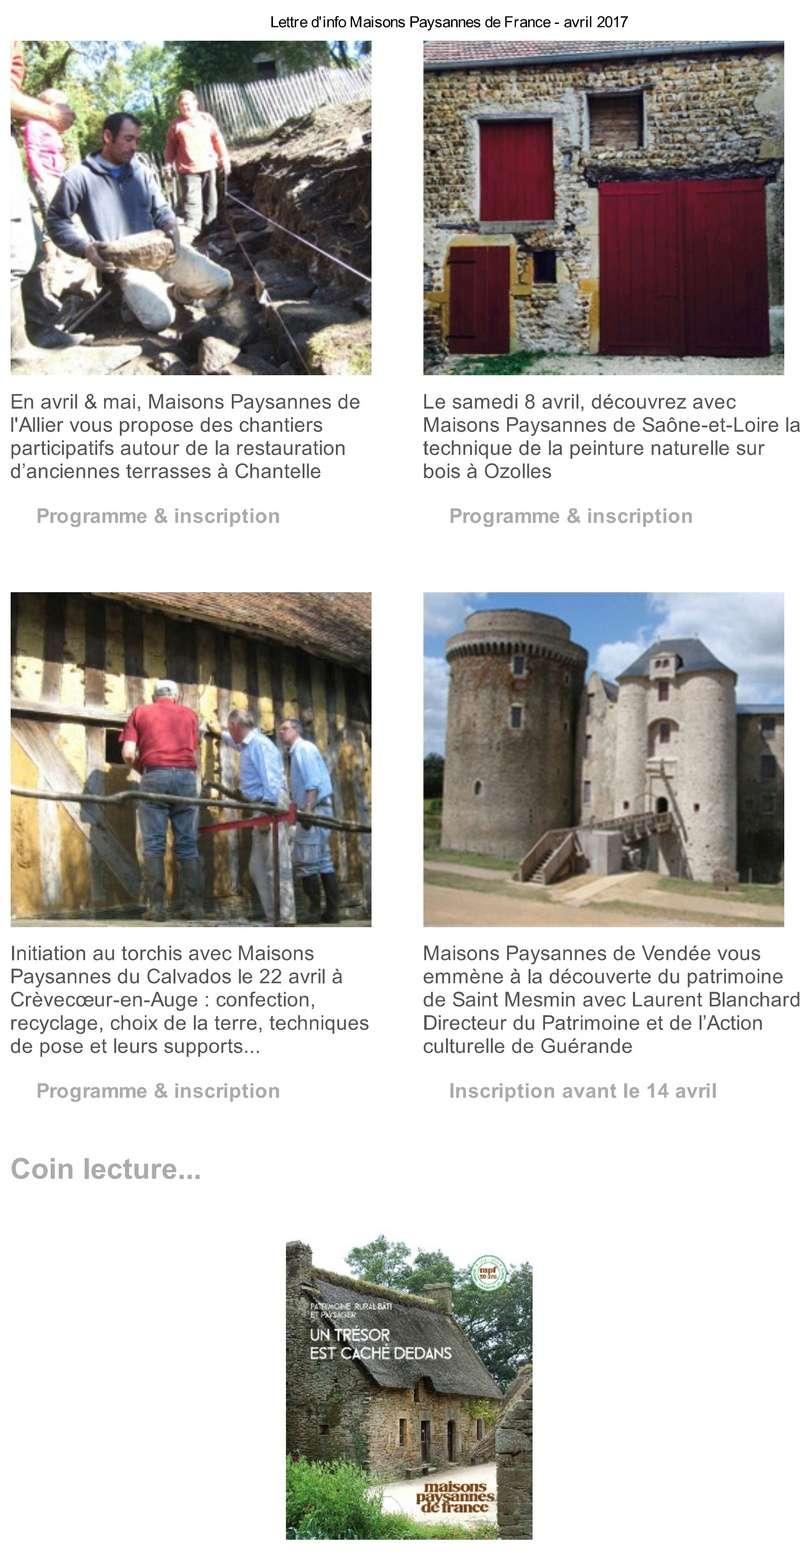 Lettre d'info Maisons Paysannes de France - avril 2017 220